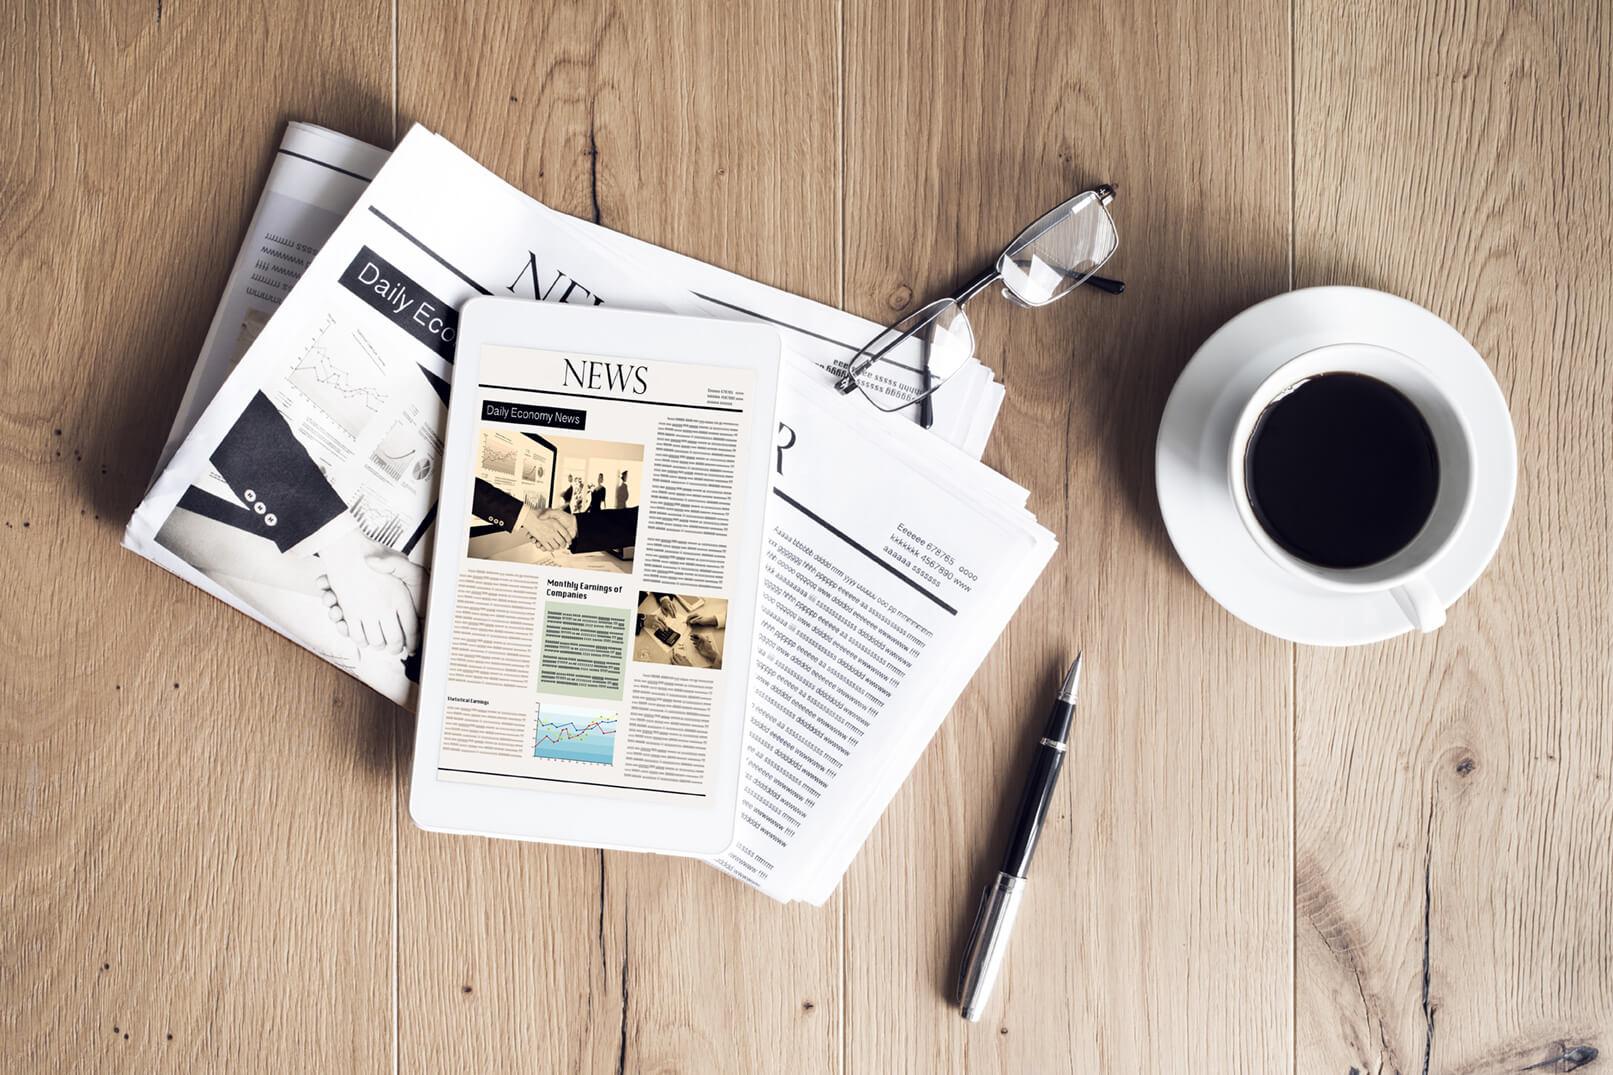 Ufficio stampa, giornali su un tavolo, occhiali tazza caffè penna